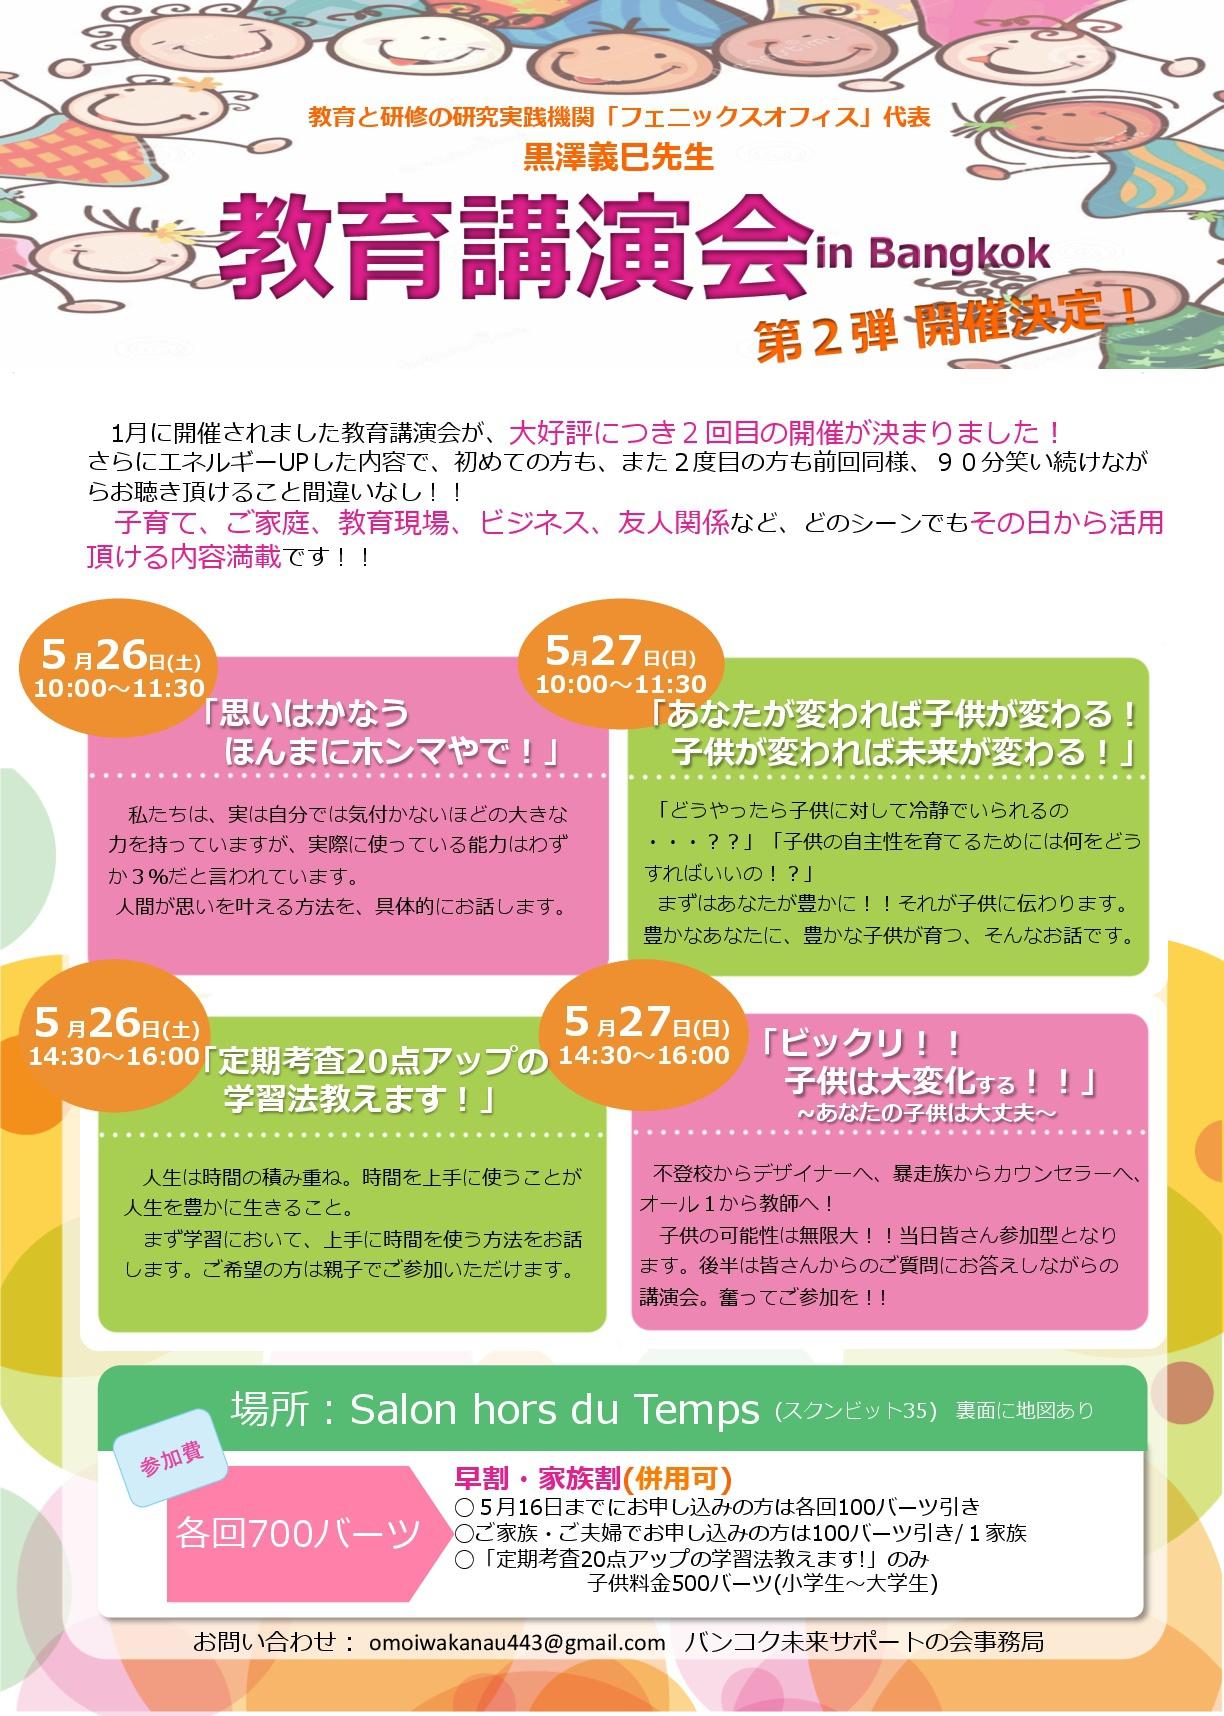 【黒澤義巳先生 教育講演会 in Bangkok 第2弾開催決定!】主催:バンコク未来サポートの会